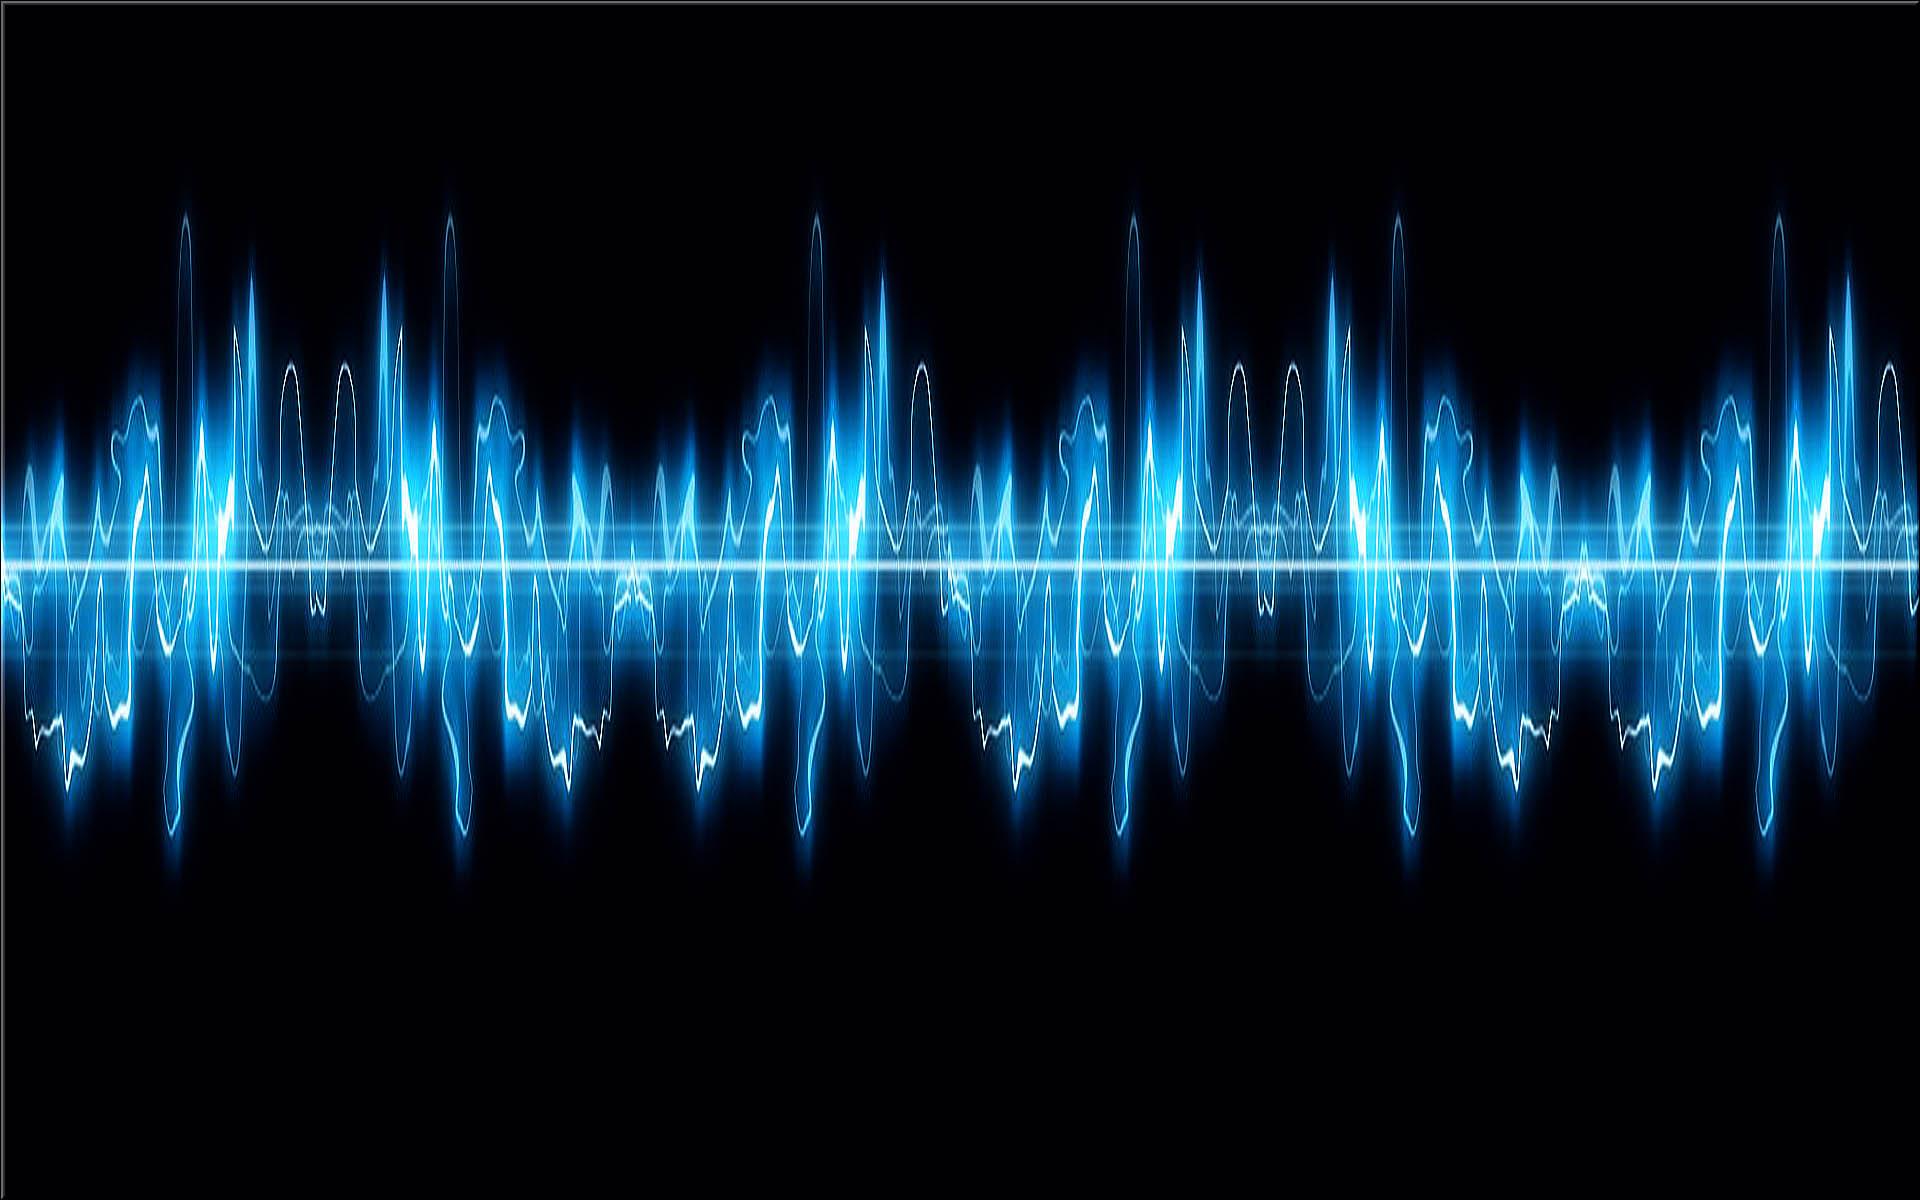 загадочный звук